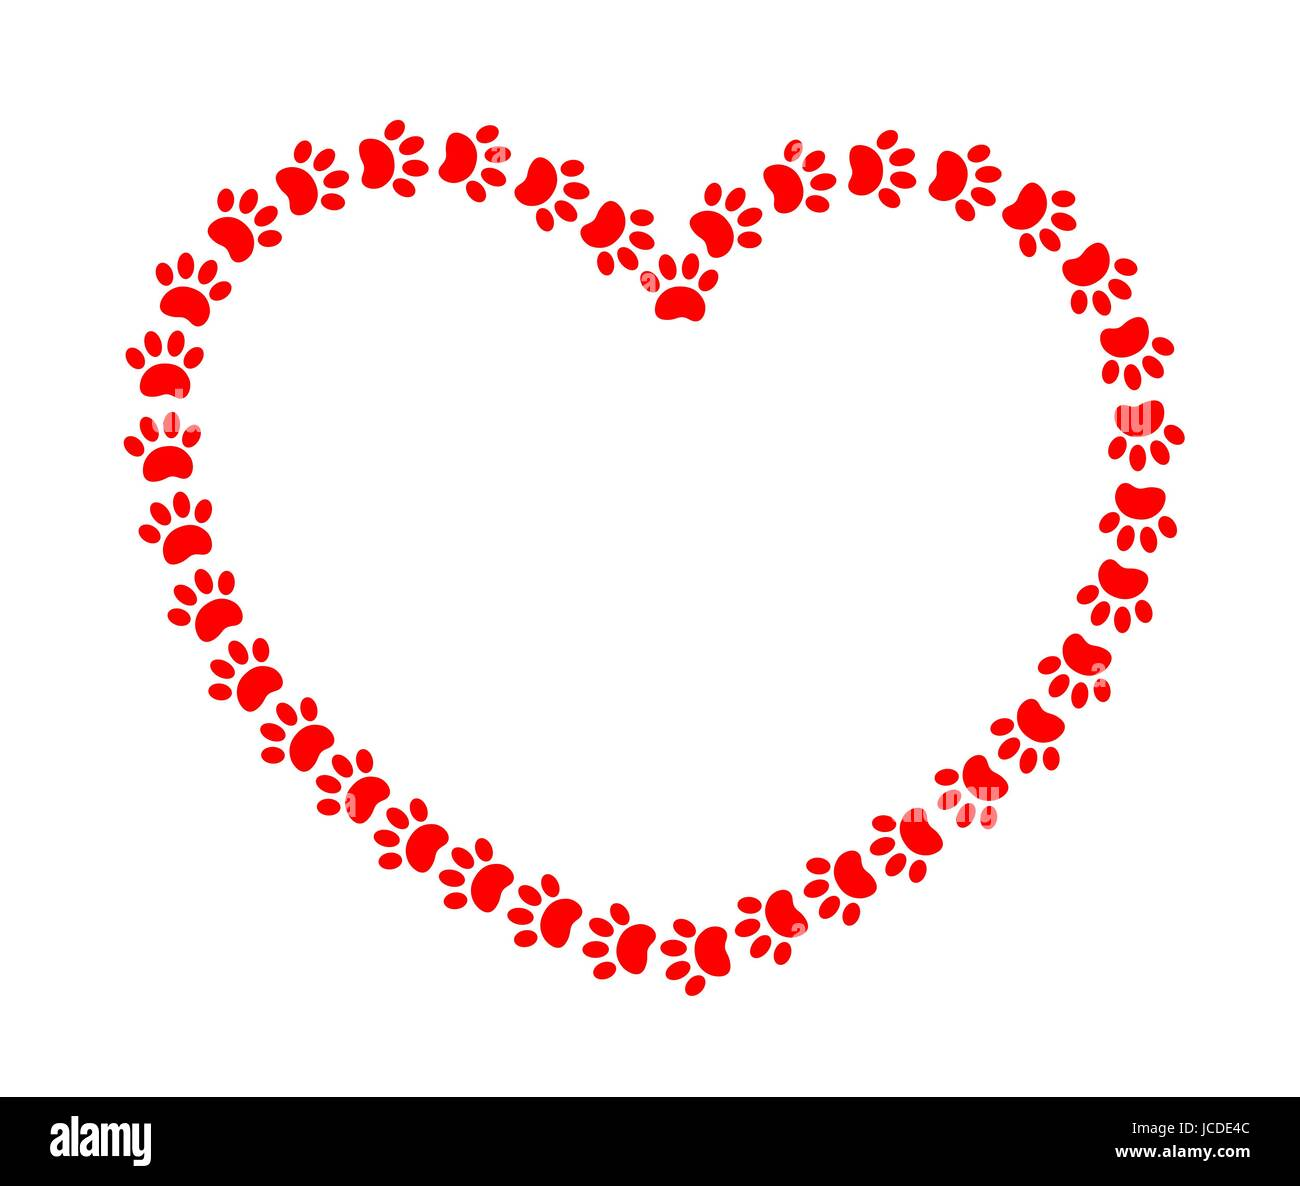 Herz-Rahmen mit roten Pfoten Tiere Vektor Abbildung - Bild ...